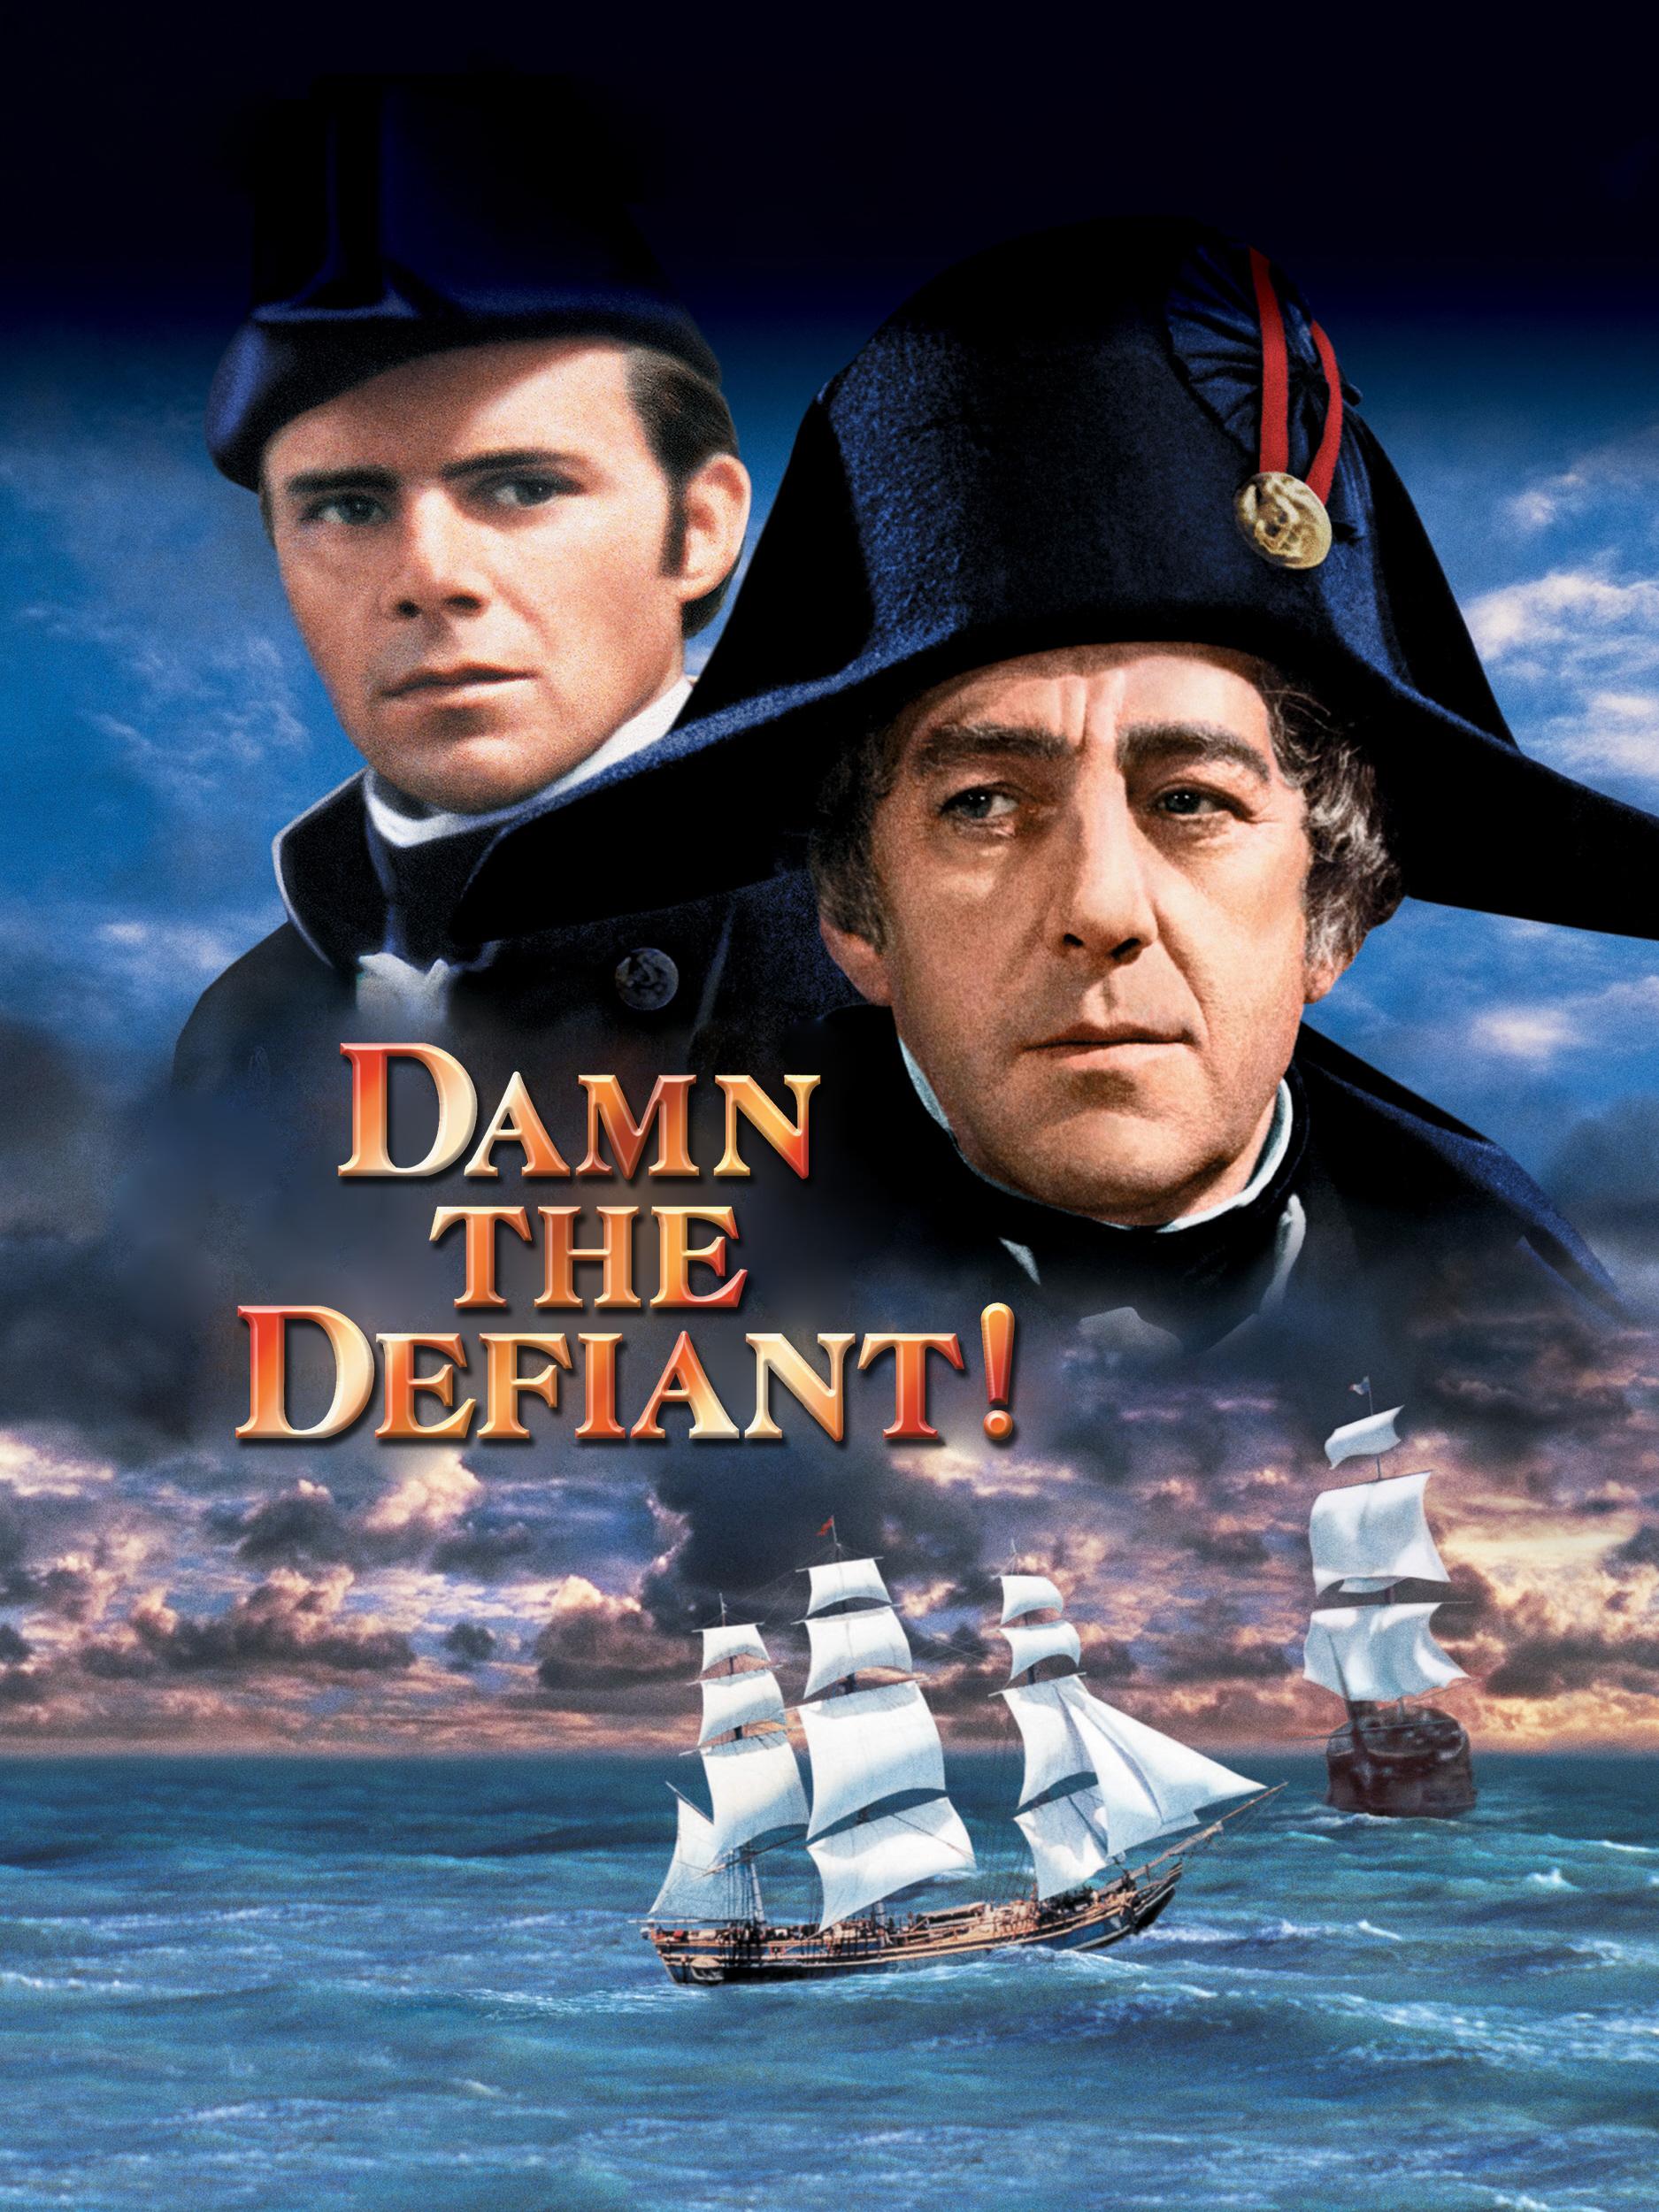 Damn the Defiant!